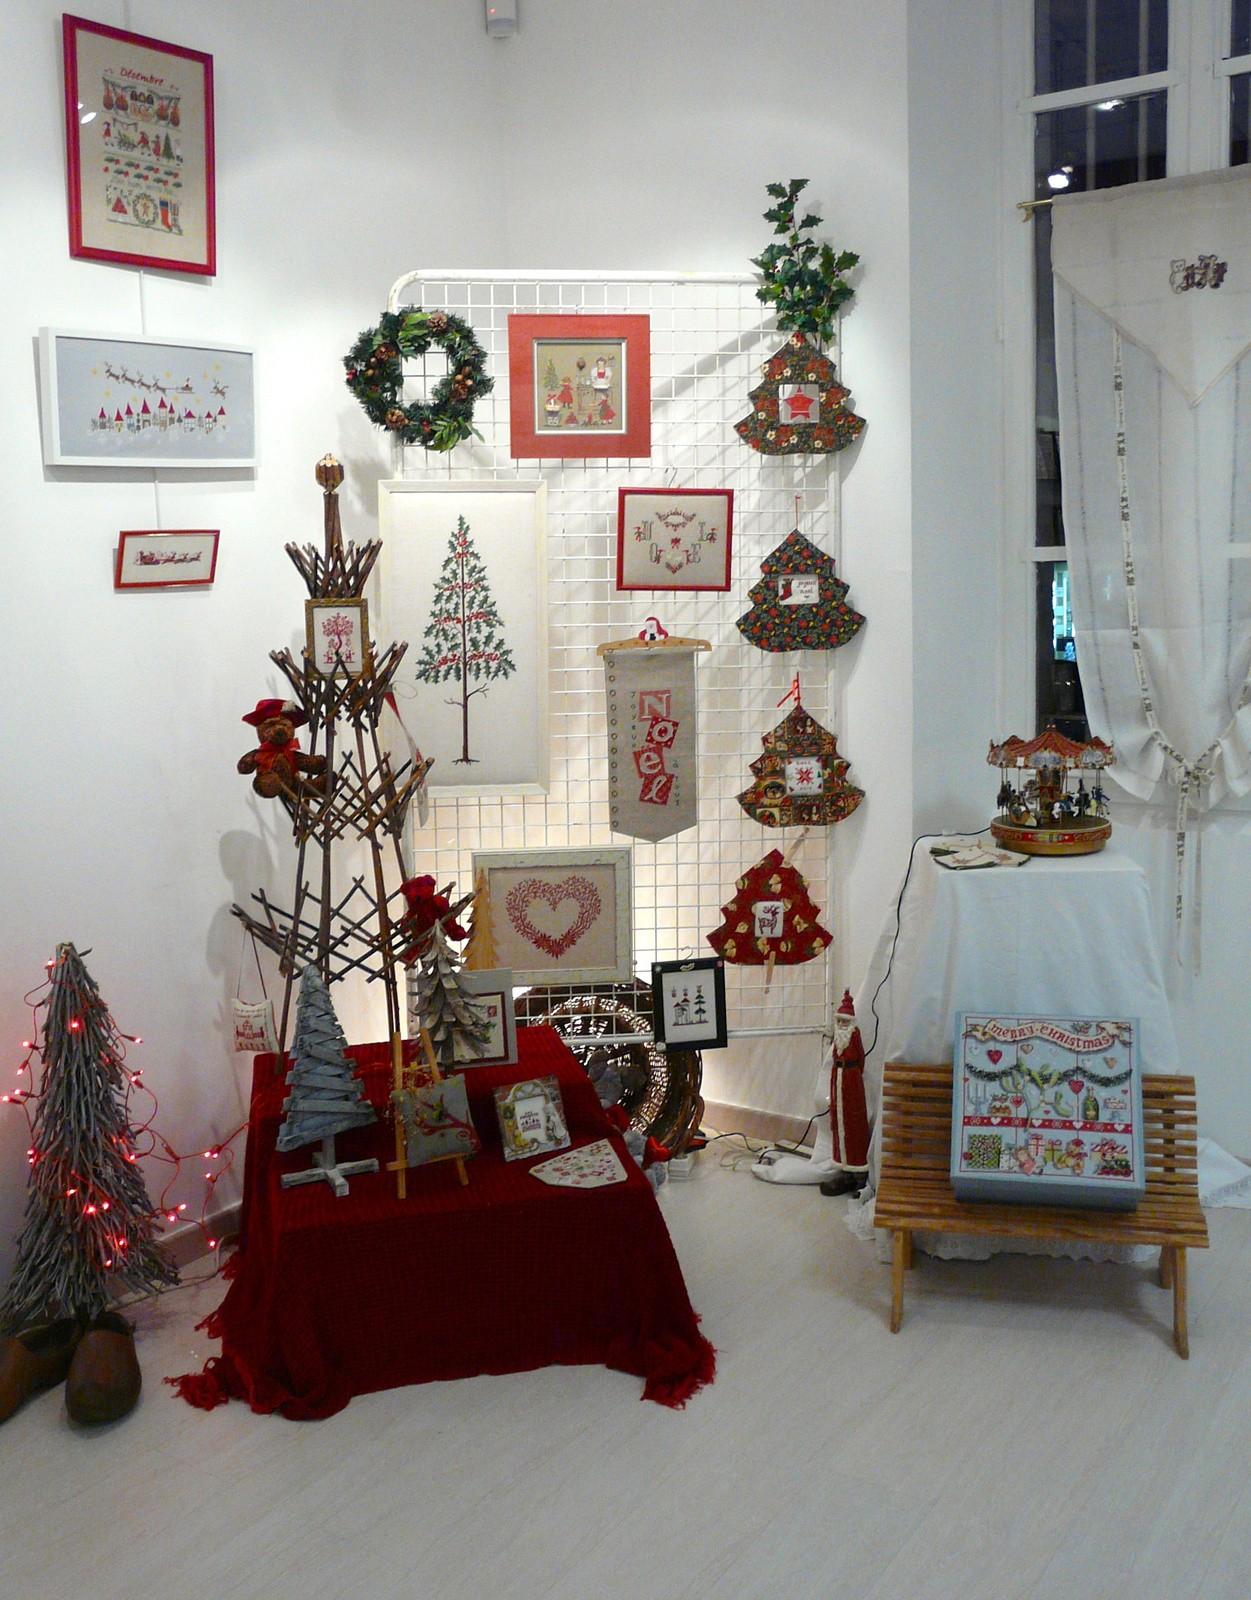 Tout est prêt pour accueillir le Père Noël